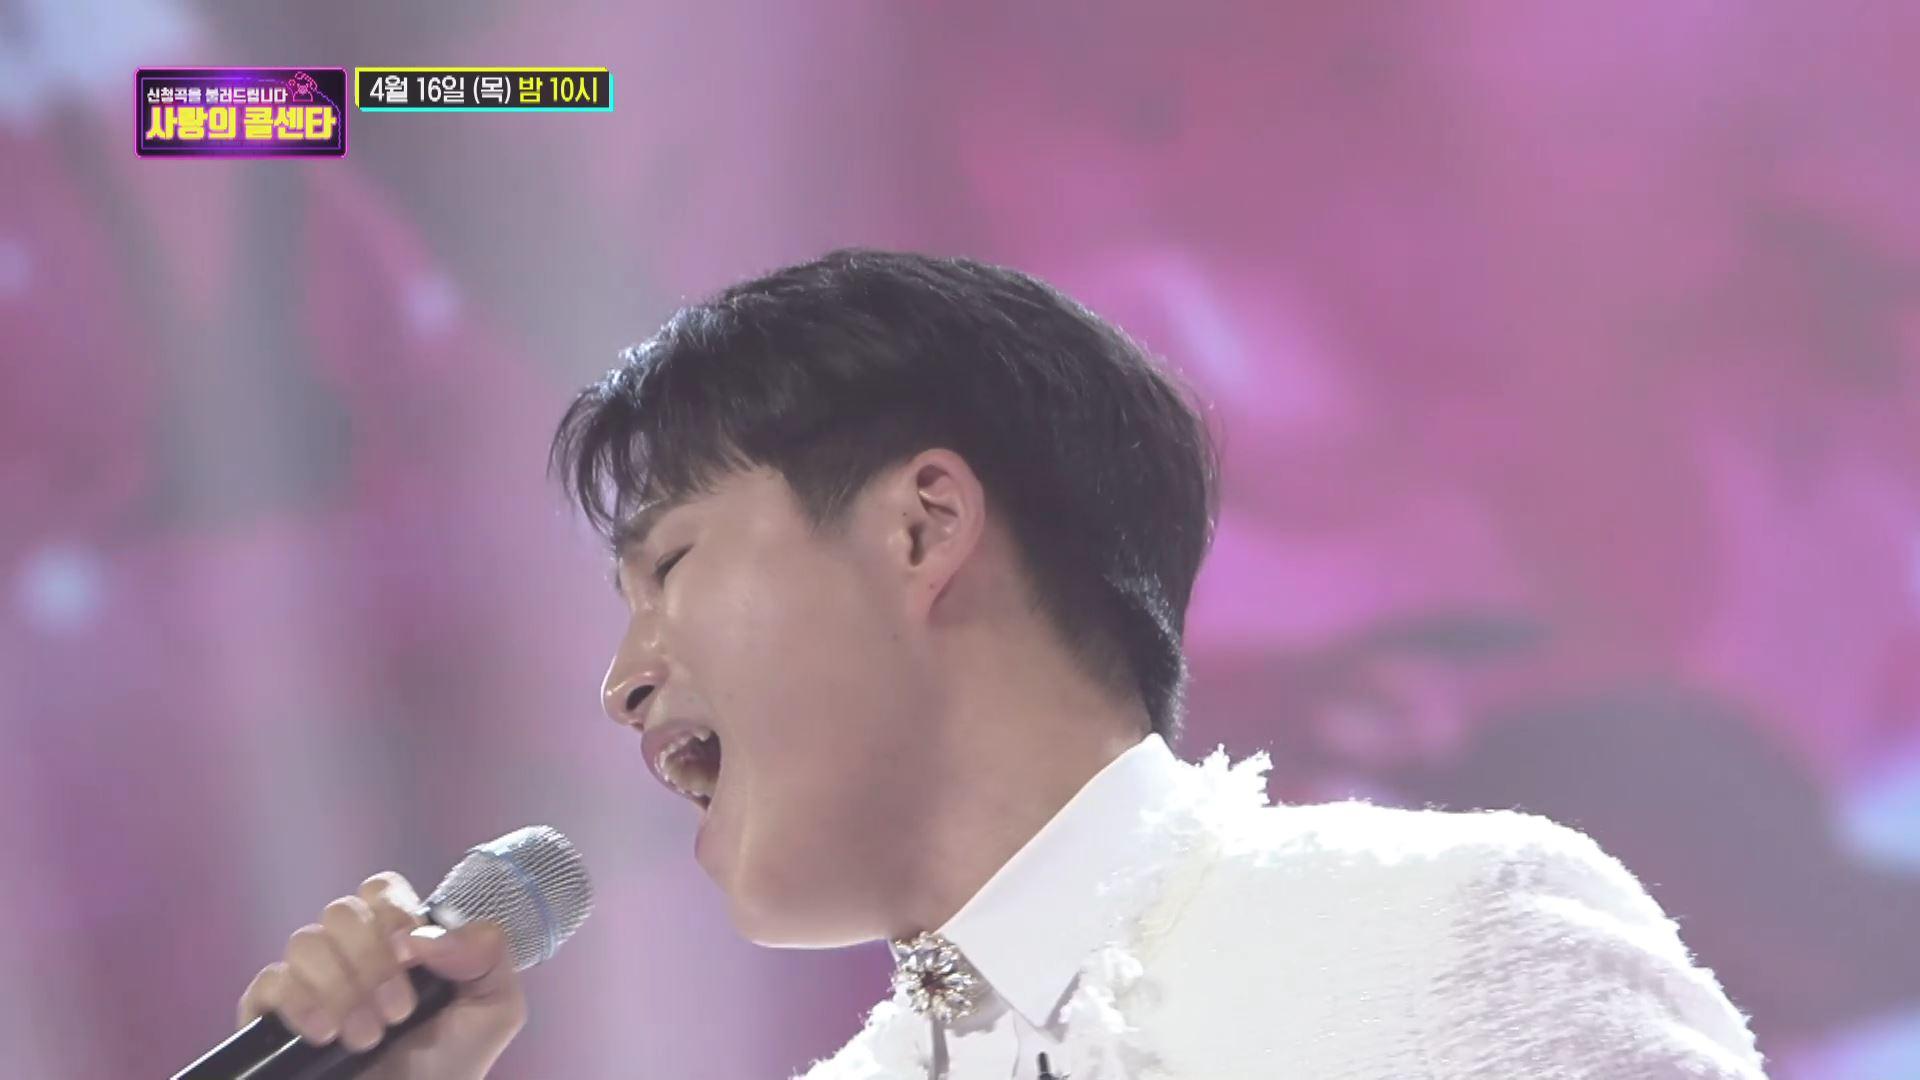 TOP7이 있잖아요! 〈힘을 내요 대한민국〉_신청곡을 불러드립니다-사랑의 콜센타 3회 예고 이미지